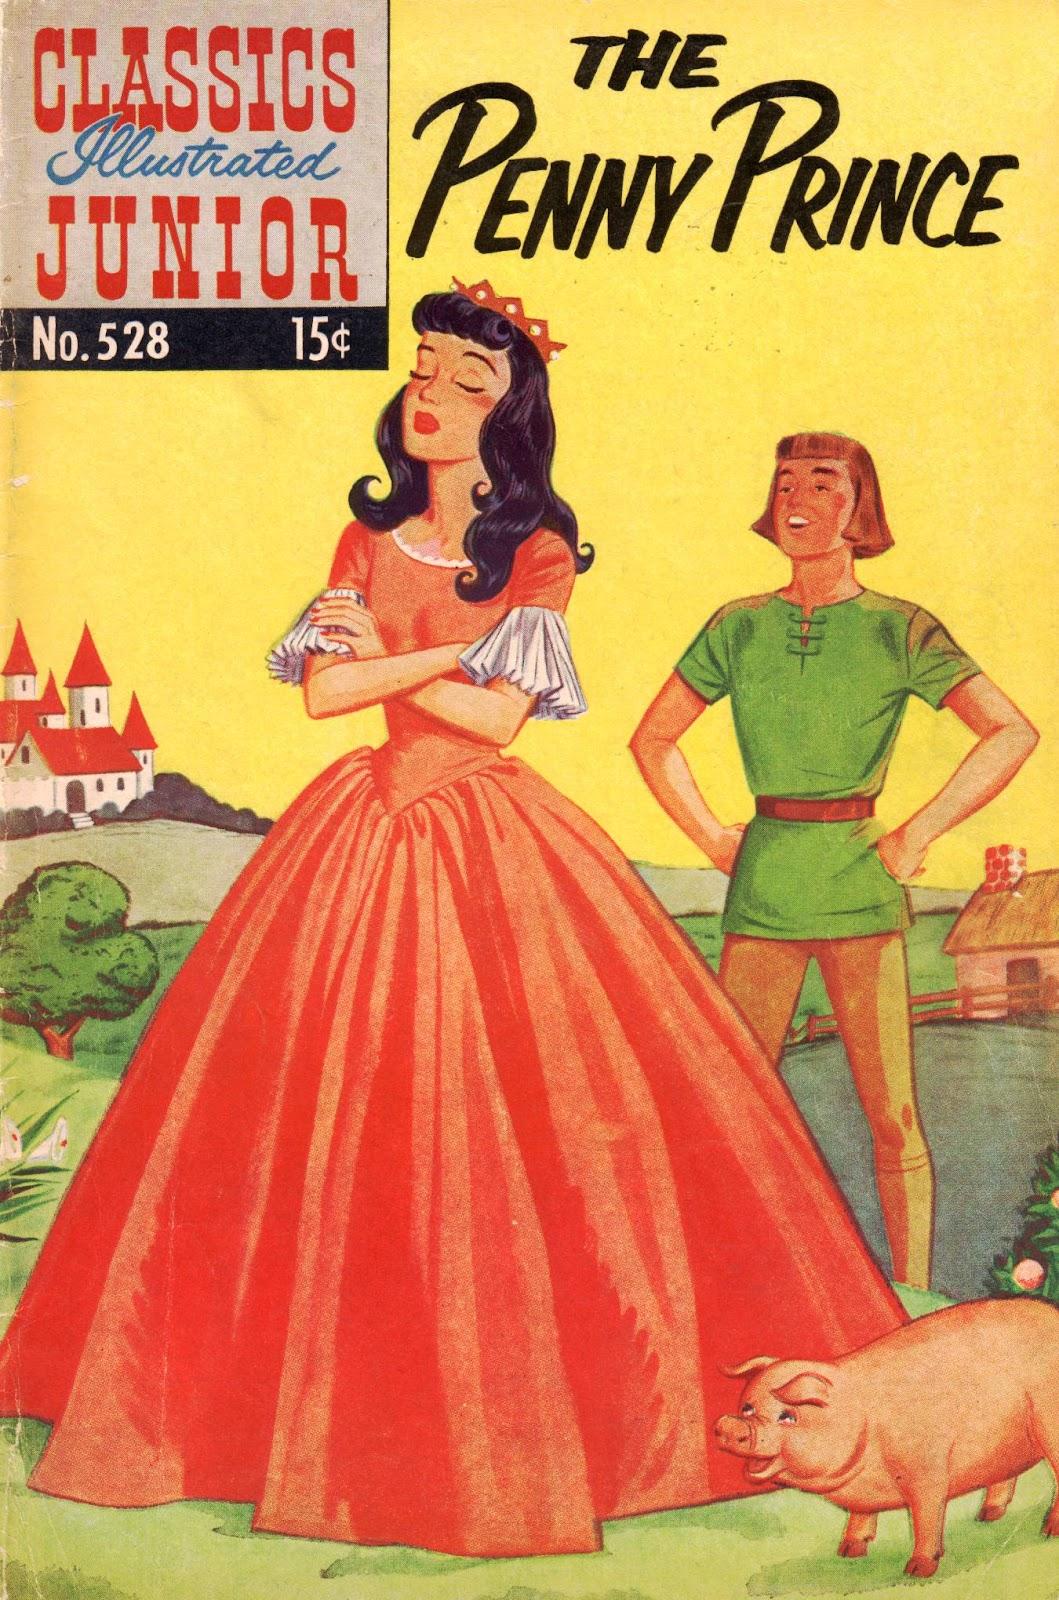 Classics Illustrated Junior 528 Page 1